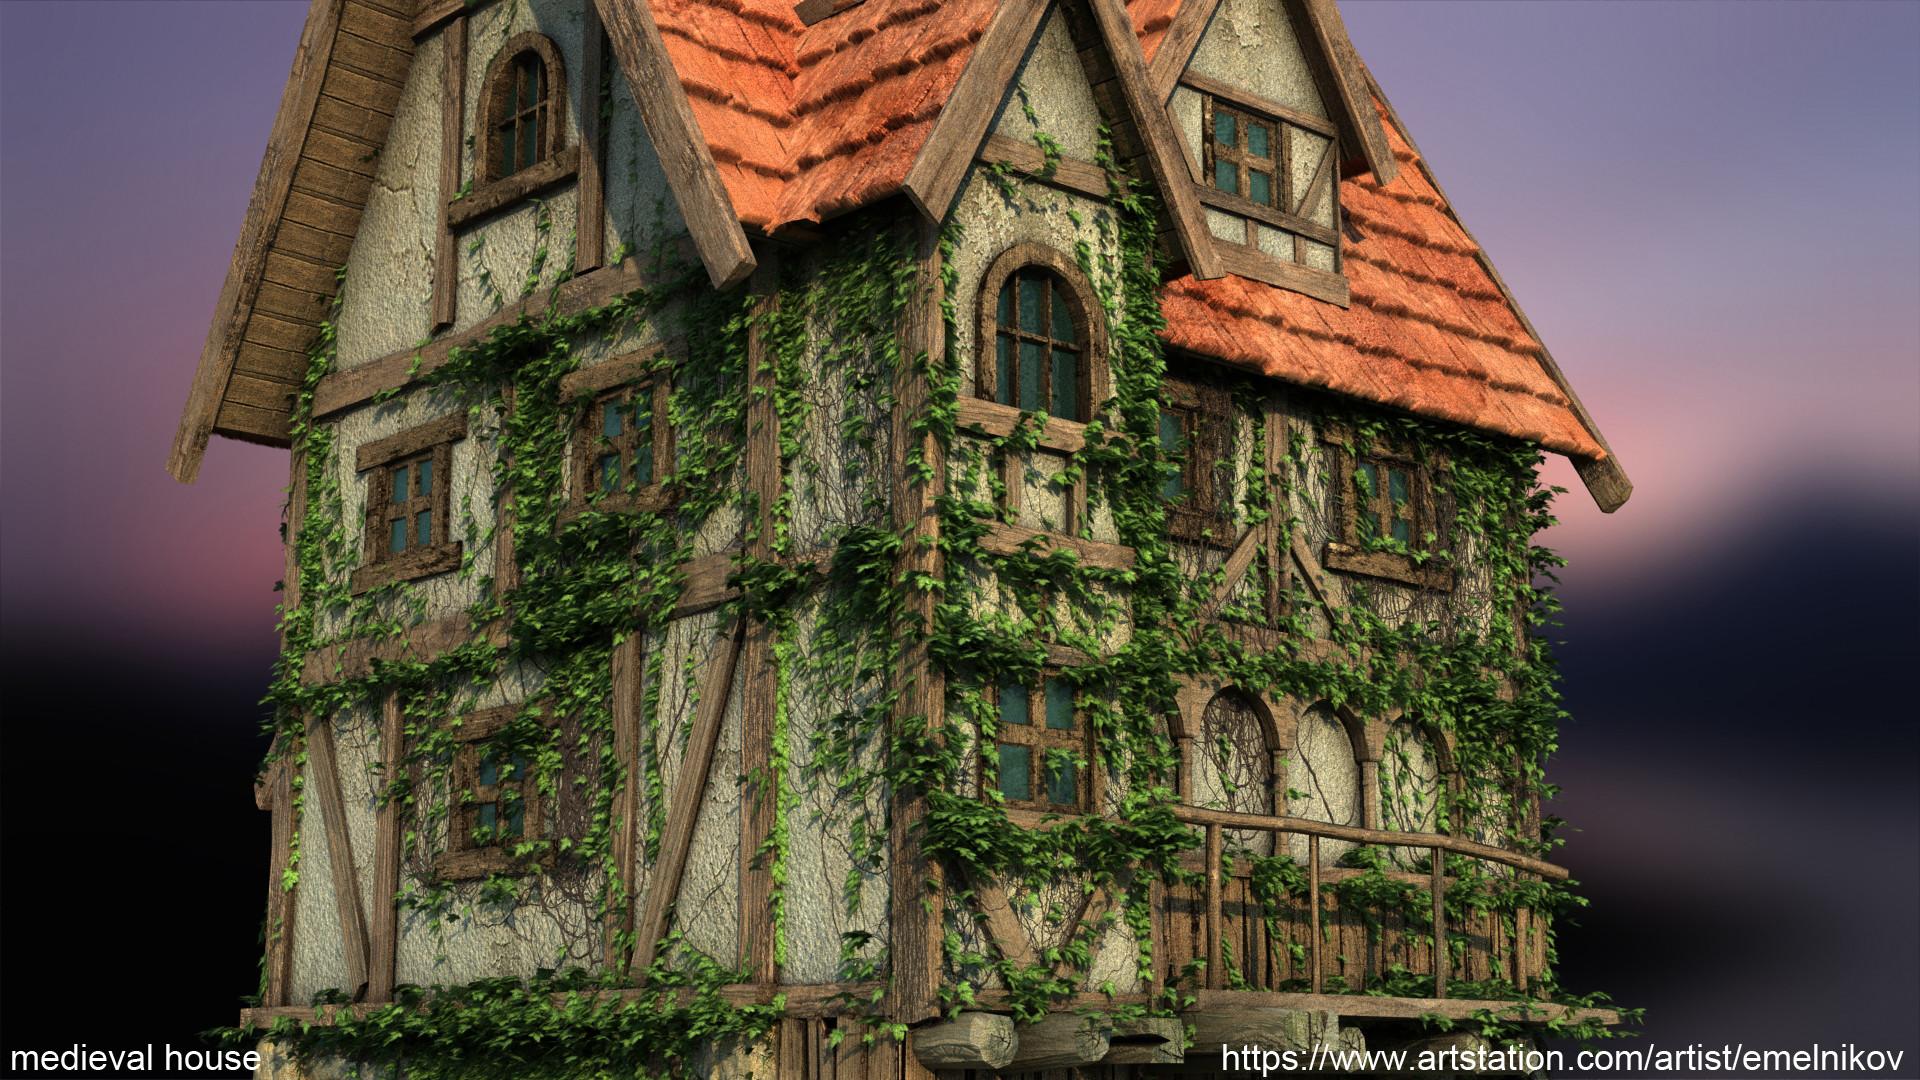 Eugene melnikov medieval house1 render frm8